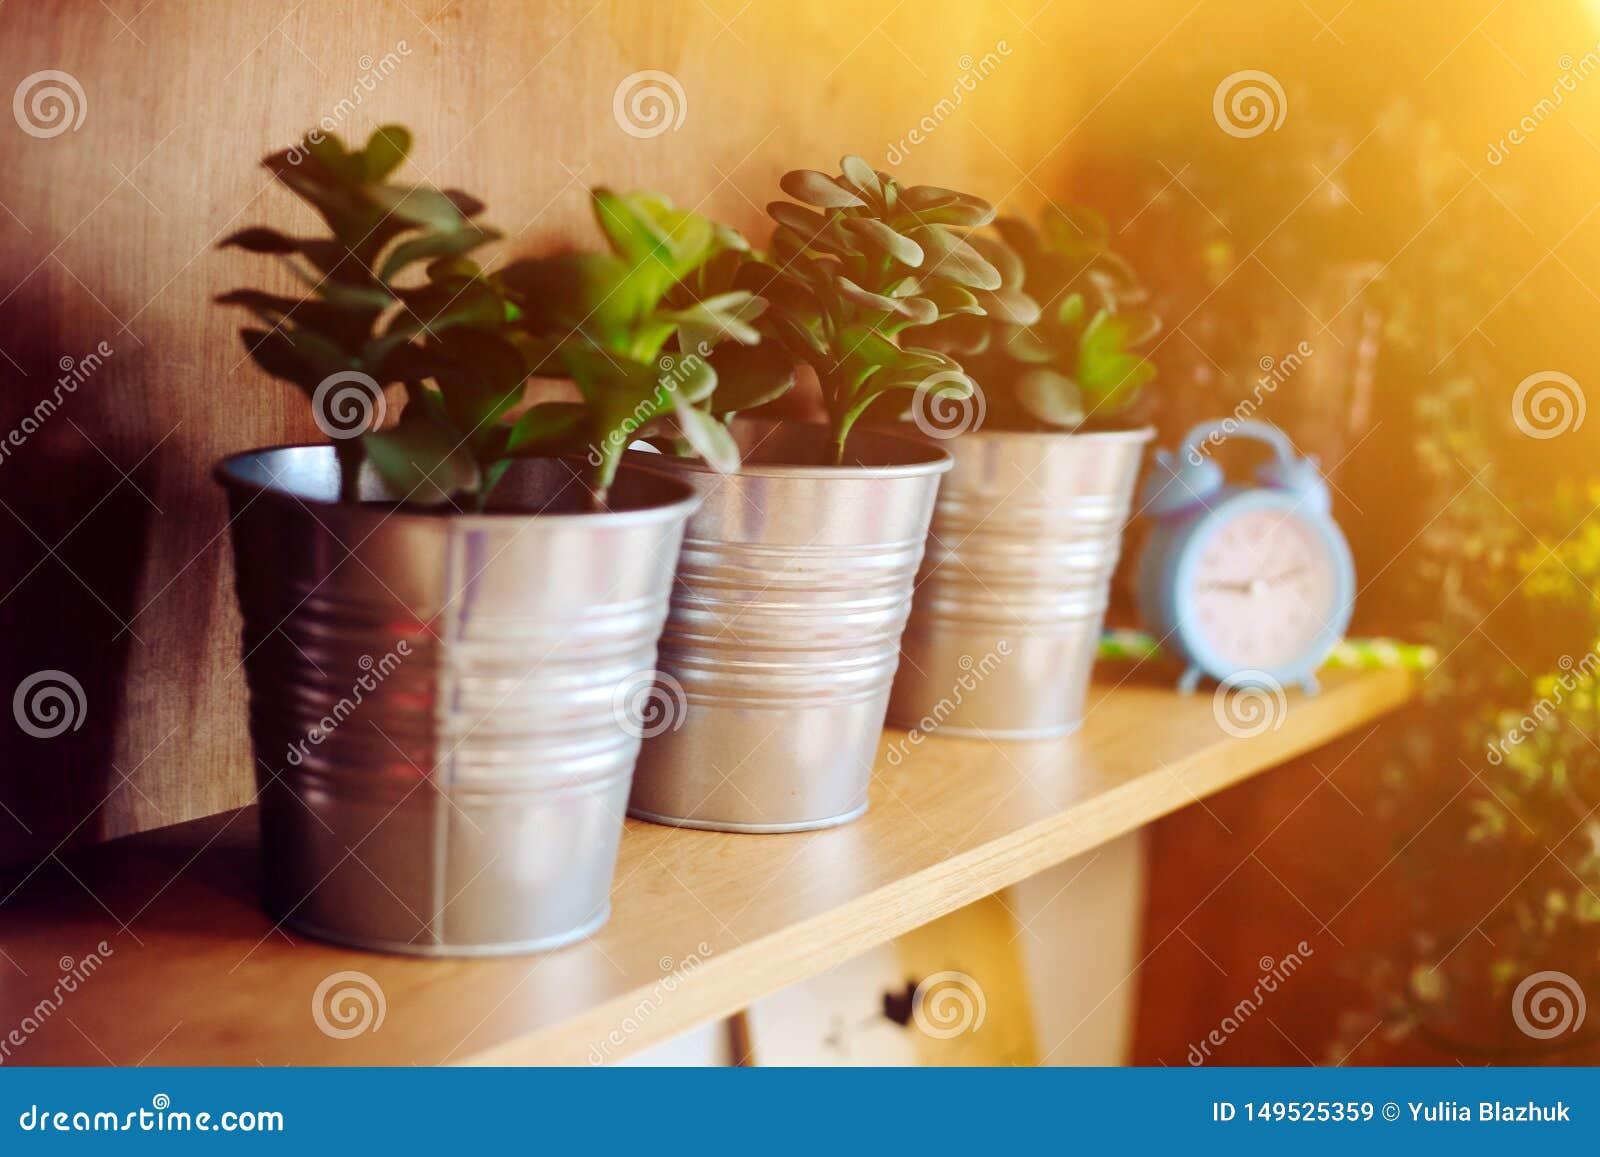 Détails de décoration intérieure, fleurs dans des pots et horloges sur l étagère